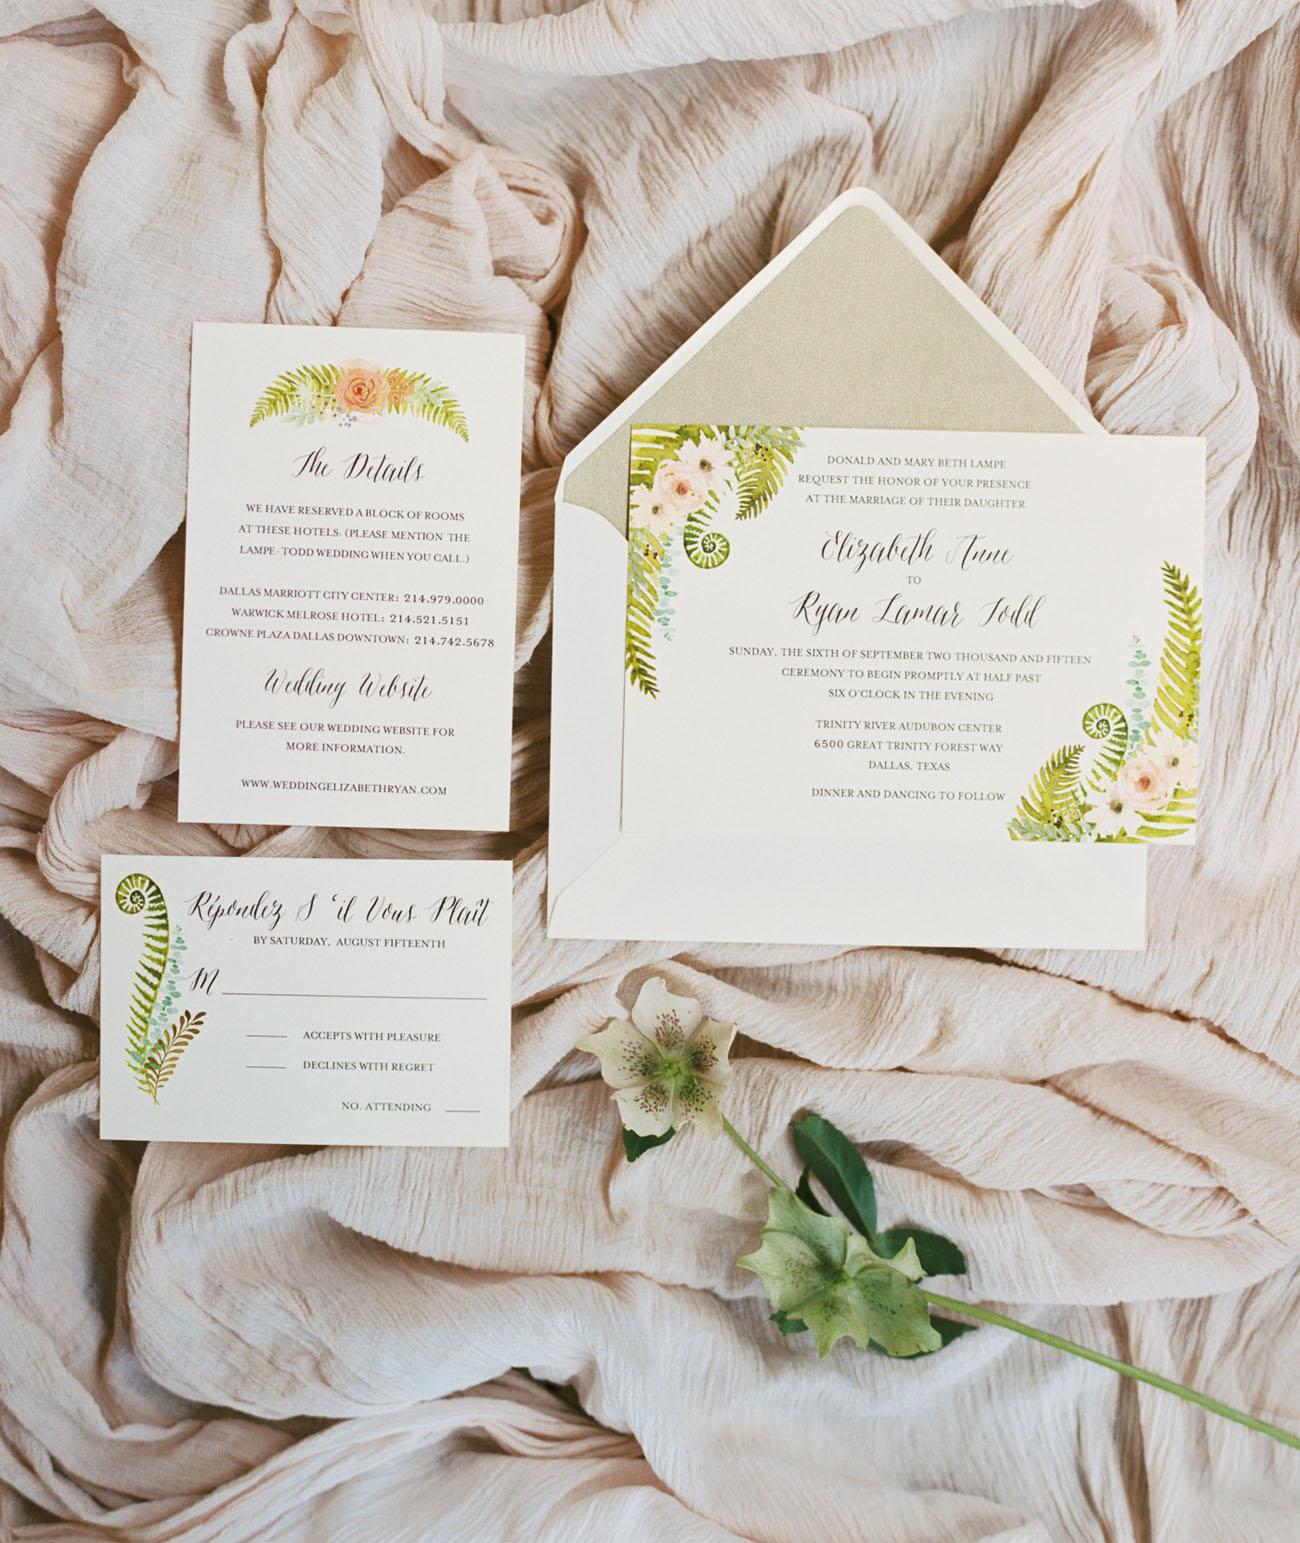 Dallas Audubon Center Wedding: Elizabeth + Ryan - Green Wedding Shoes